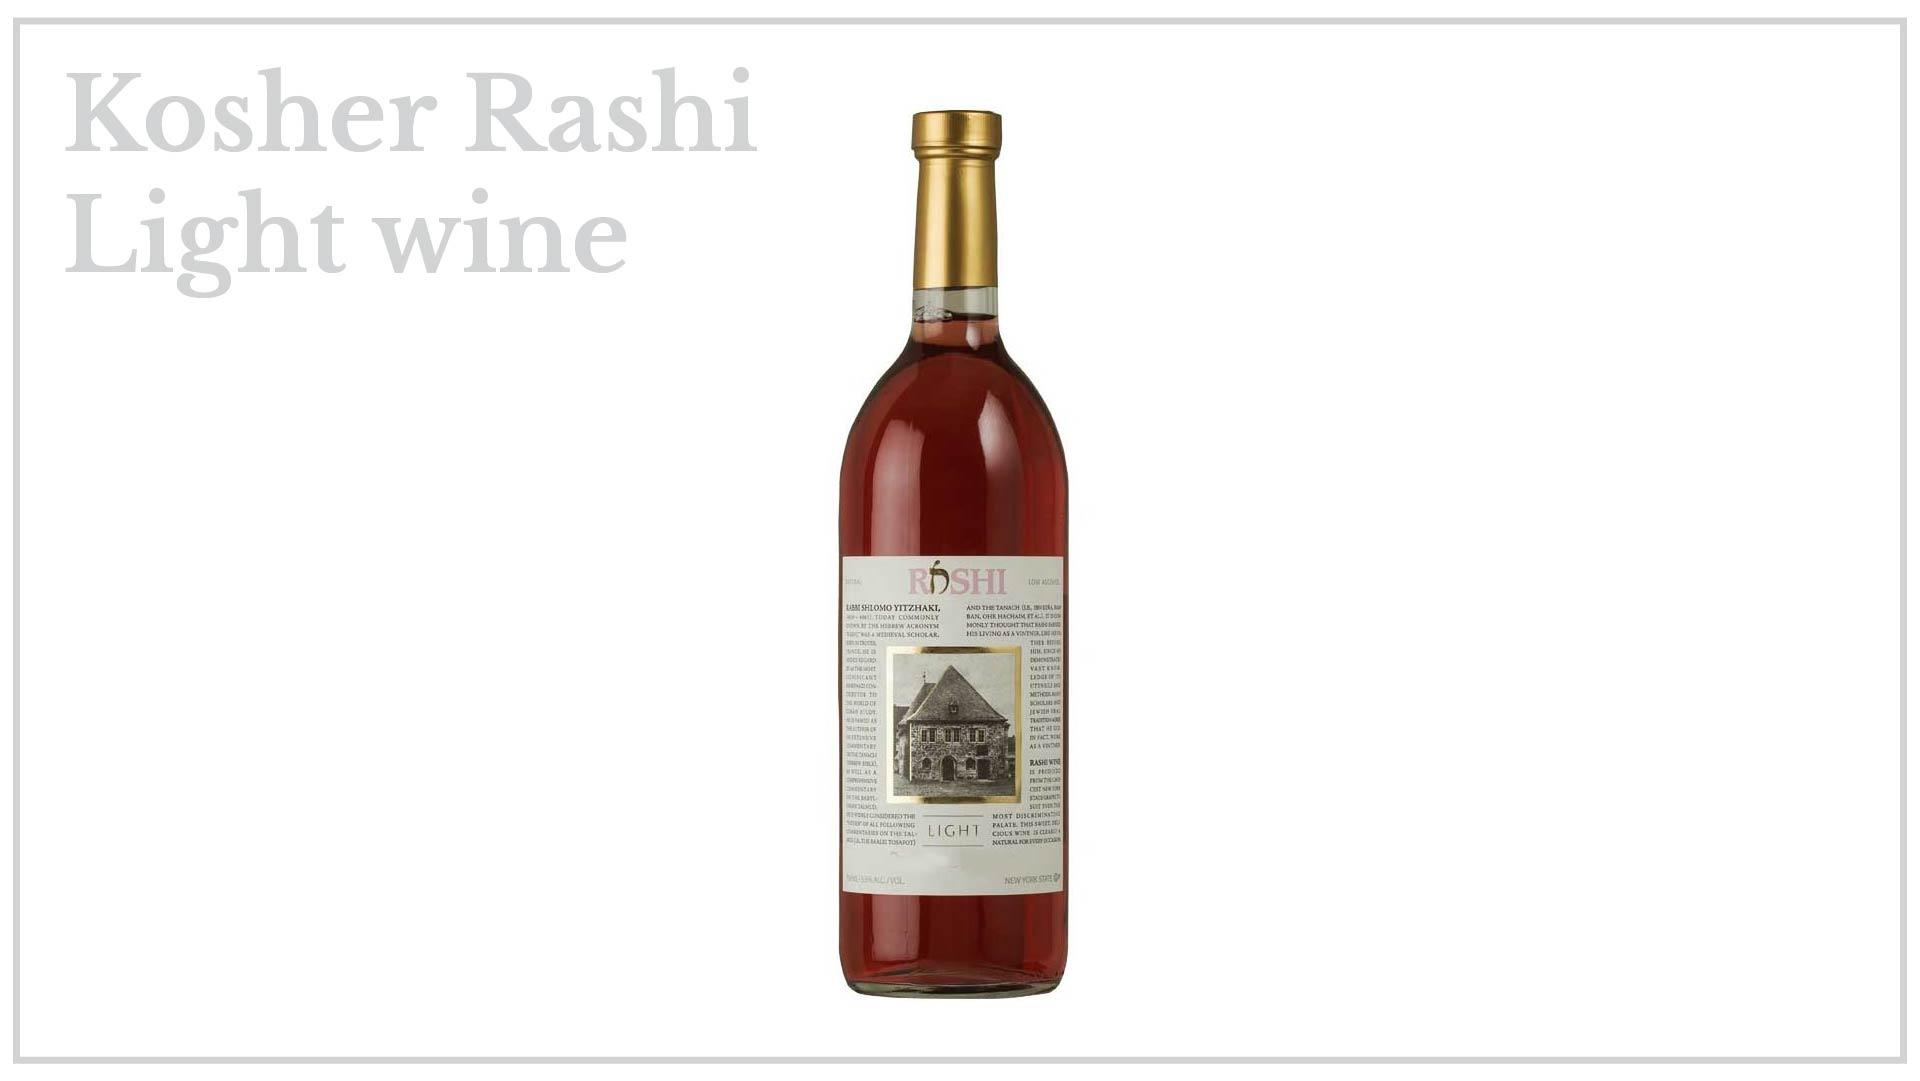 Kosher Rashi - light wine